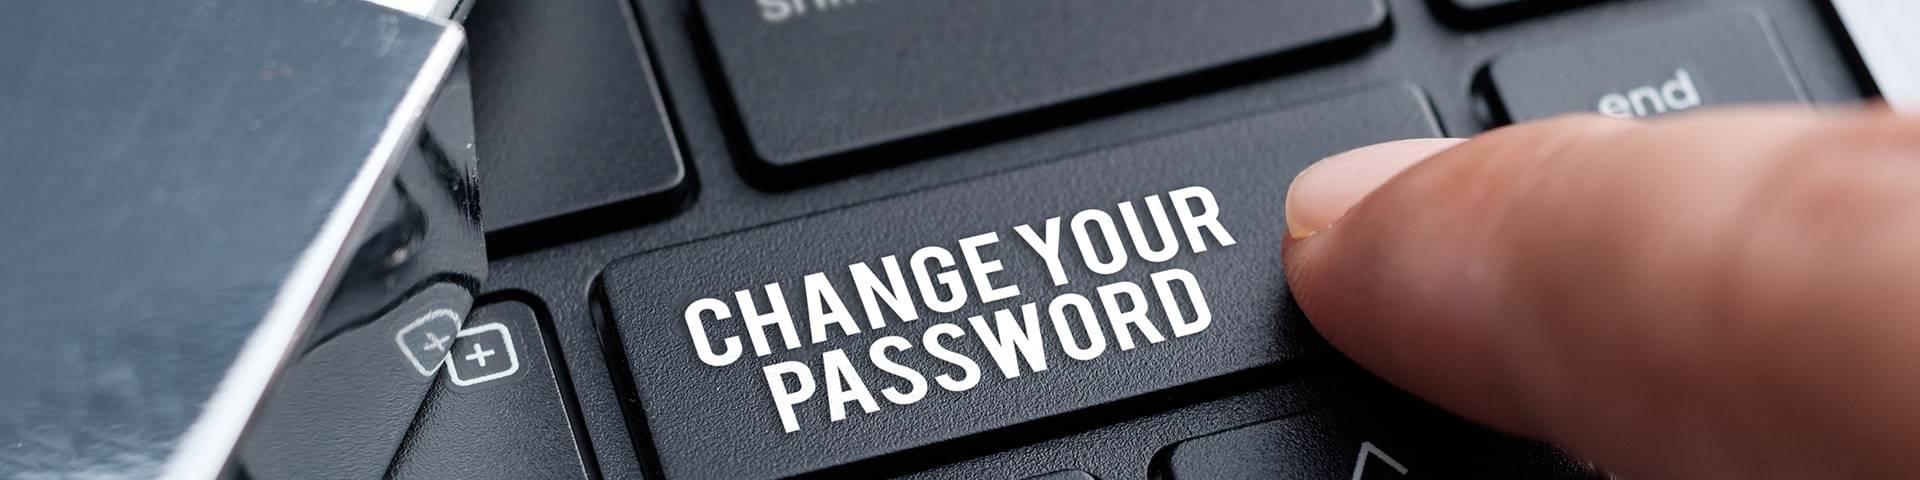 How to Change Instagram Password & Reset Details in Case of Oblivion